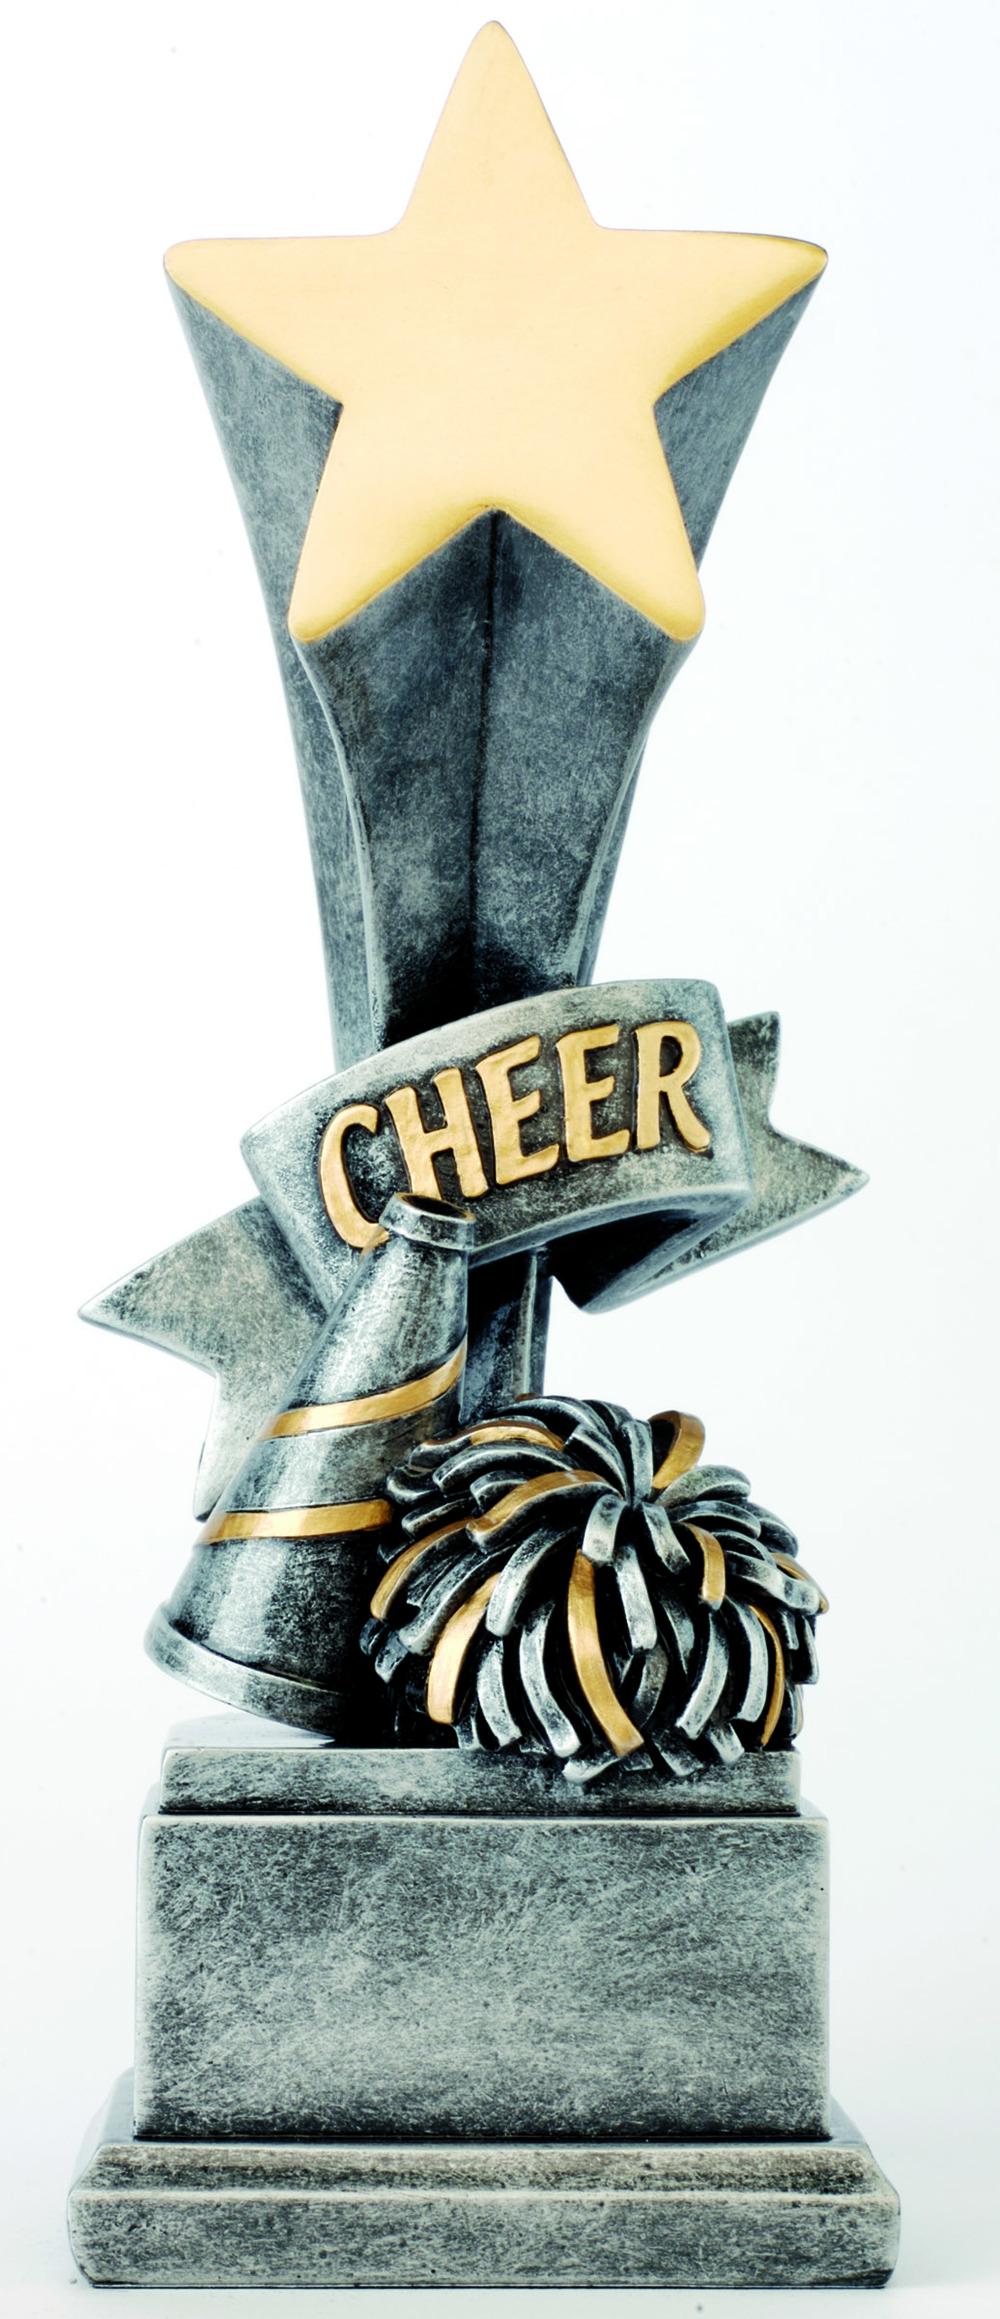 Cheer - STAR-C1